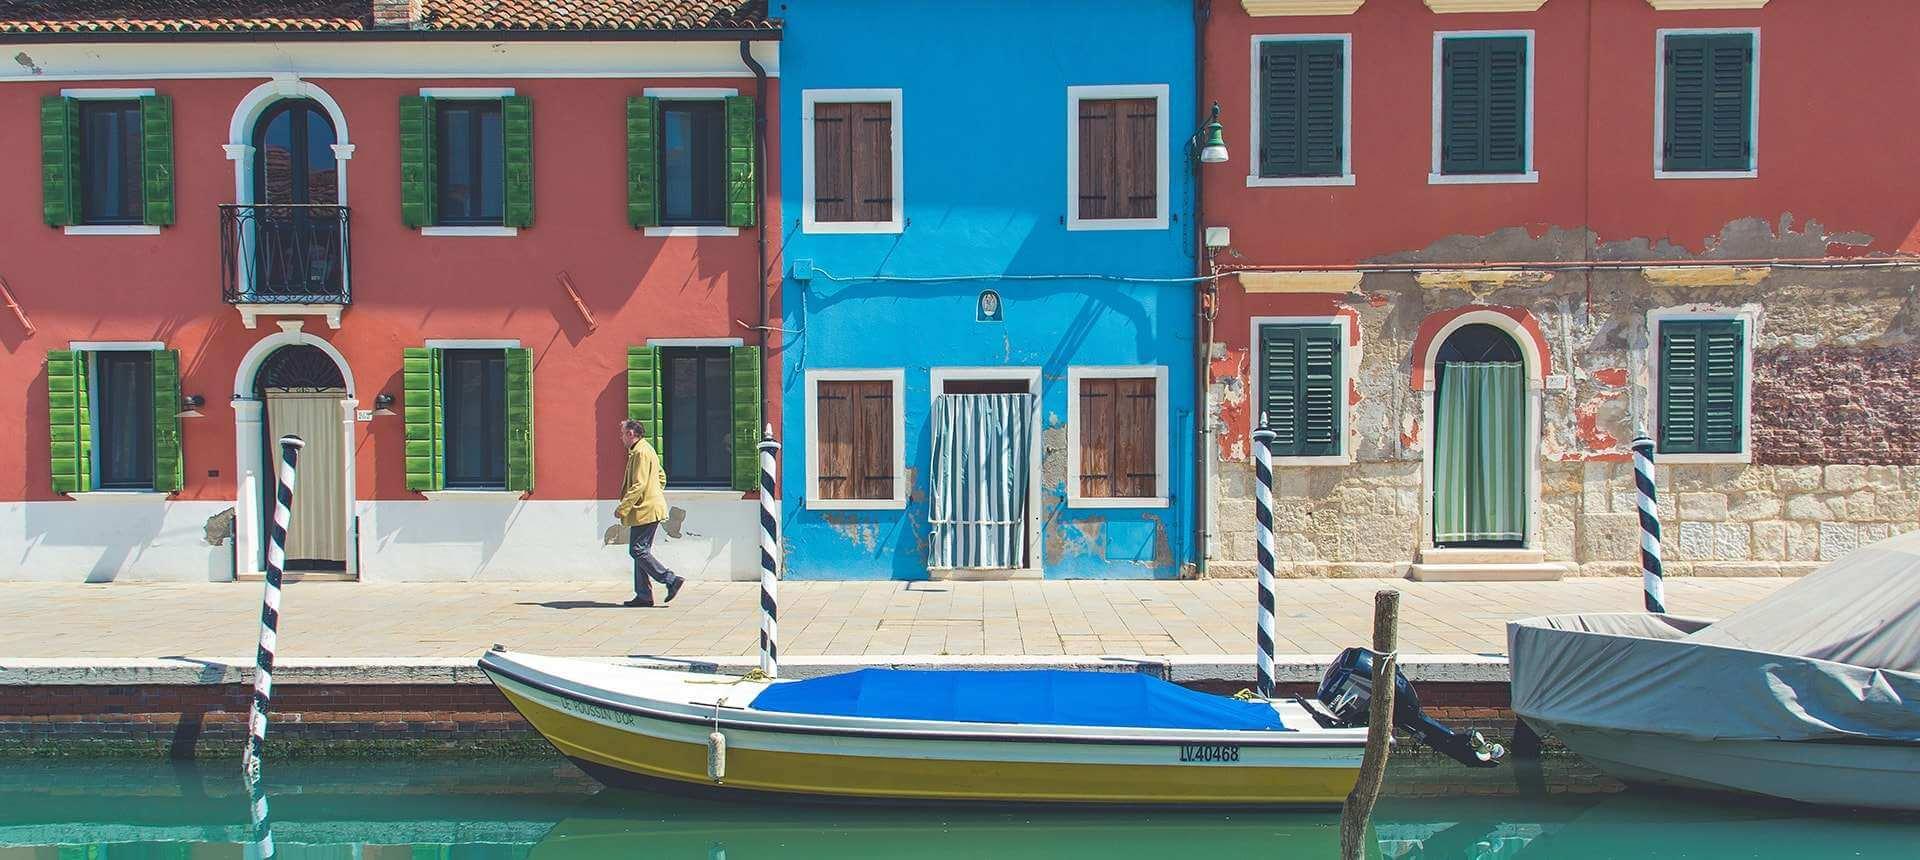 Ползата от изучаване на италиански език в 7 въпроса и отговора